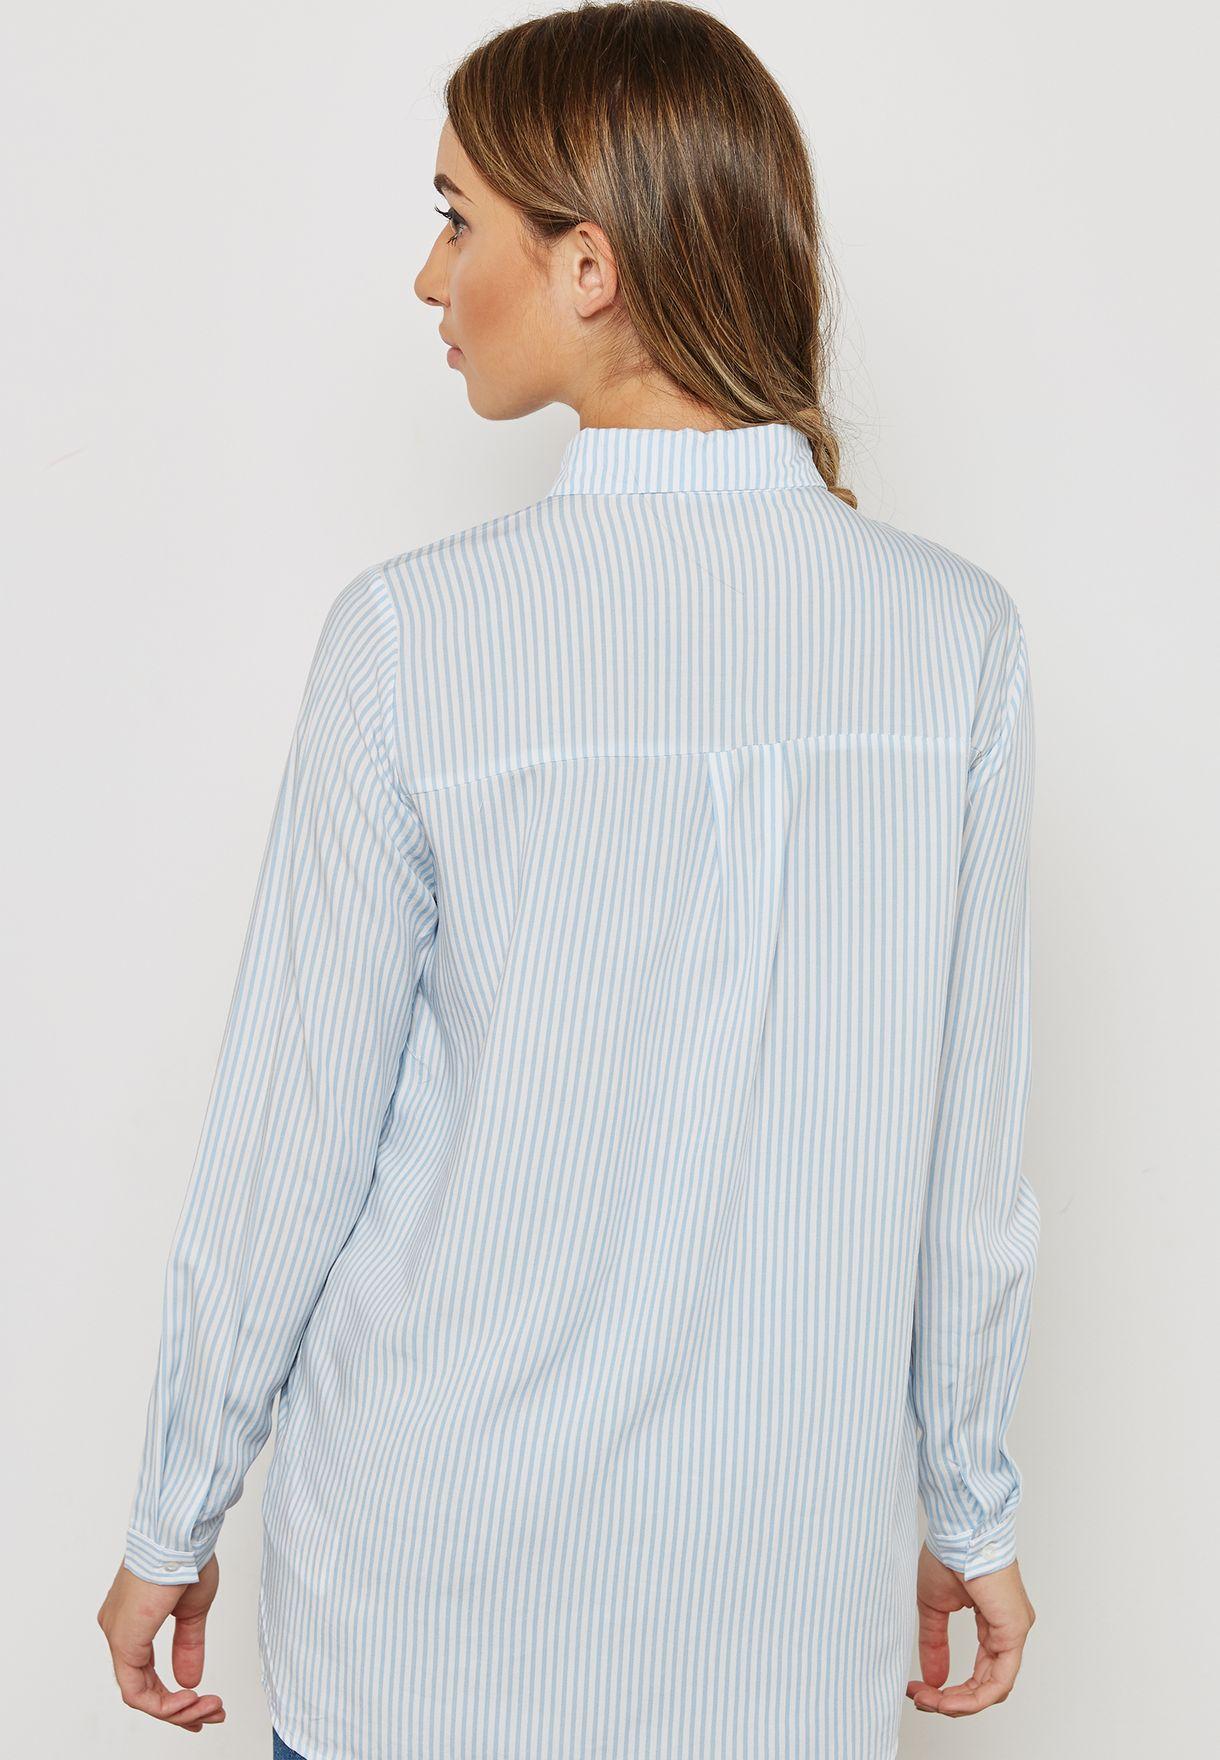 Striped High Neck Shirt